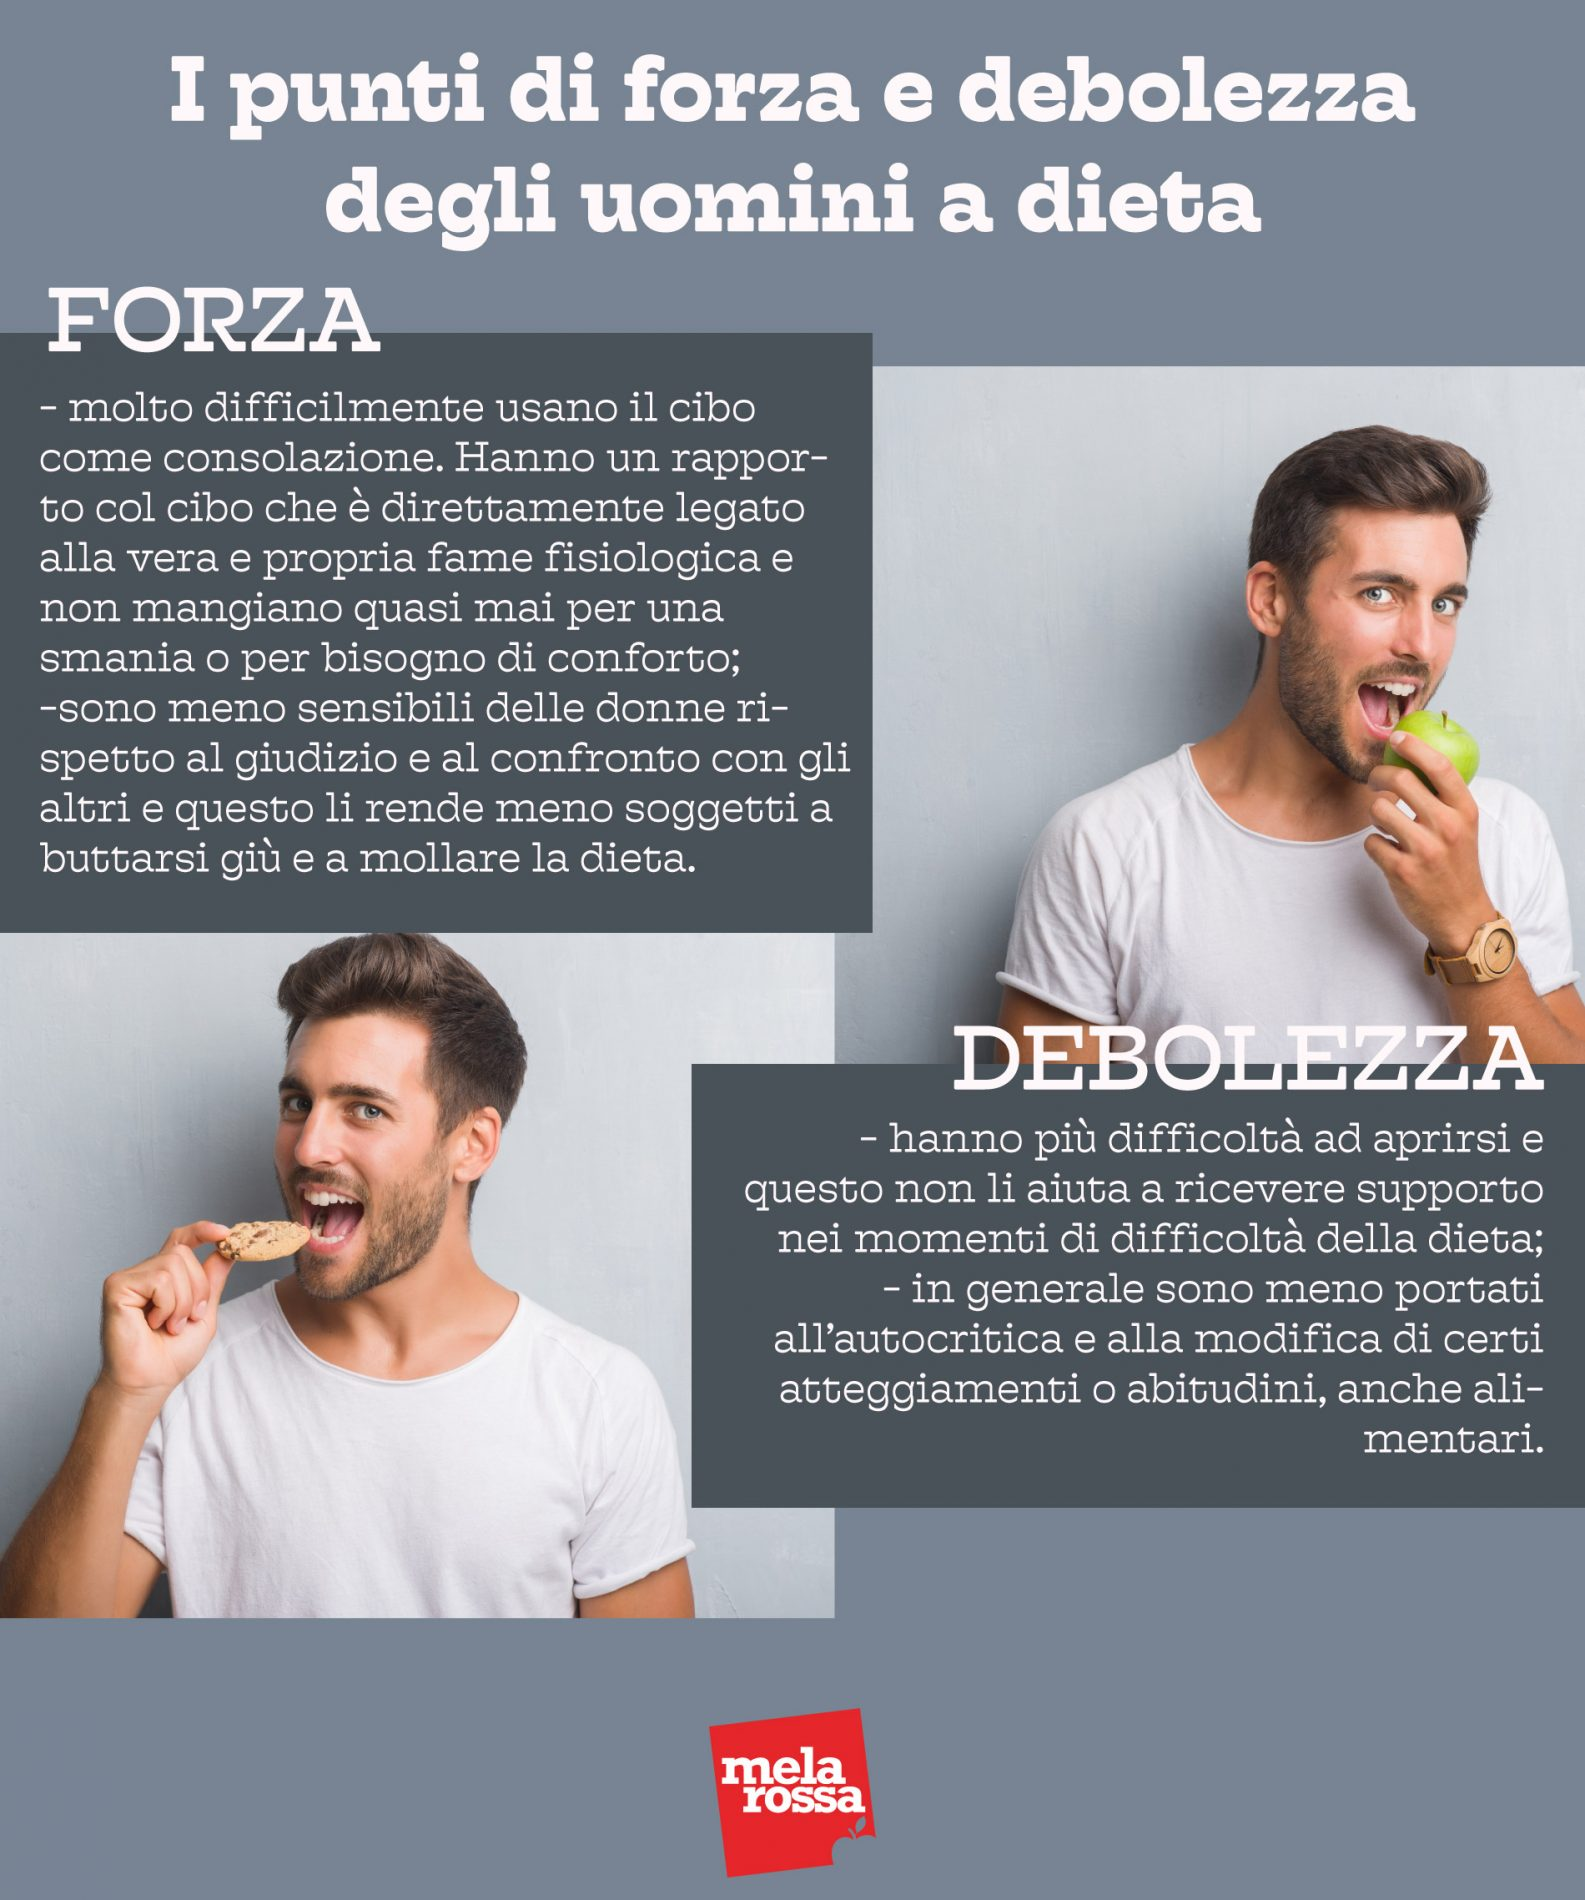 uomini a dieta: punti di forza e punto di debolezza